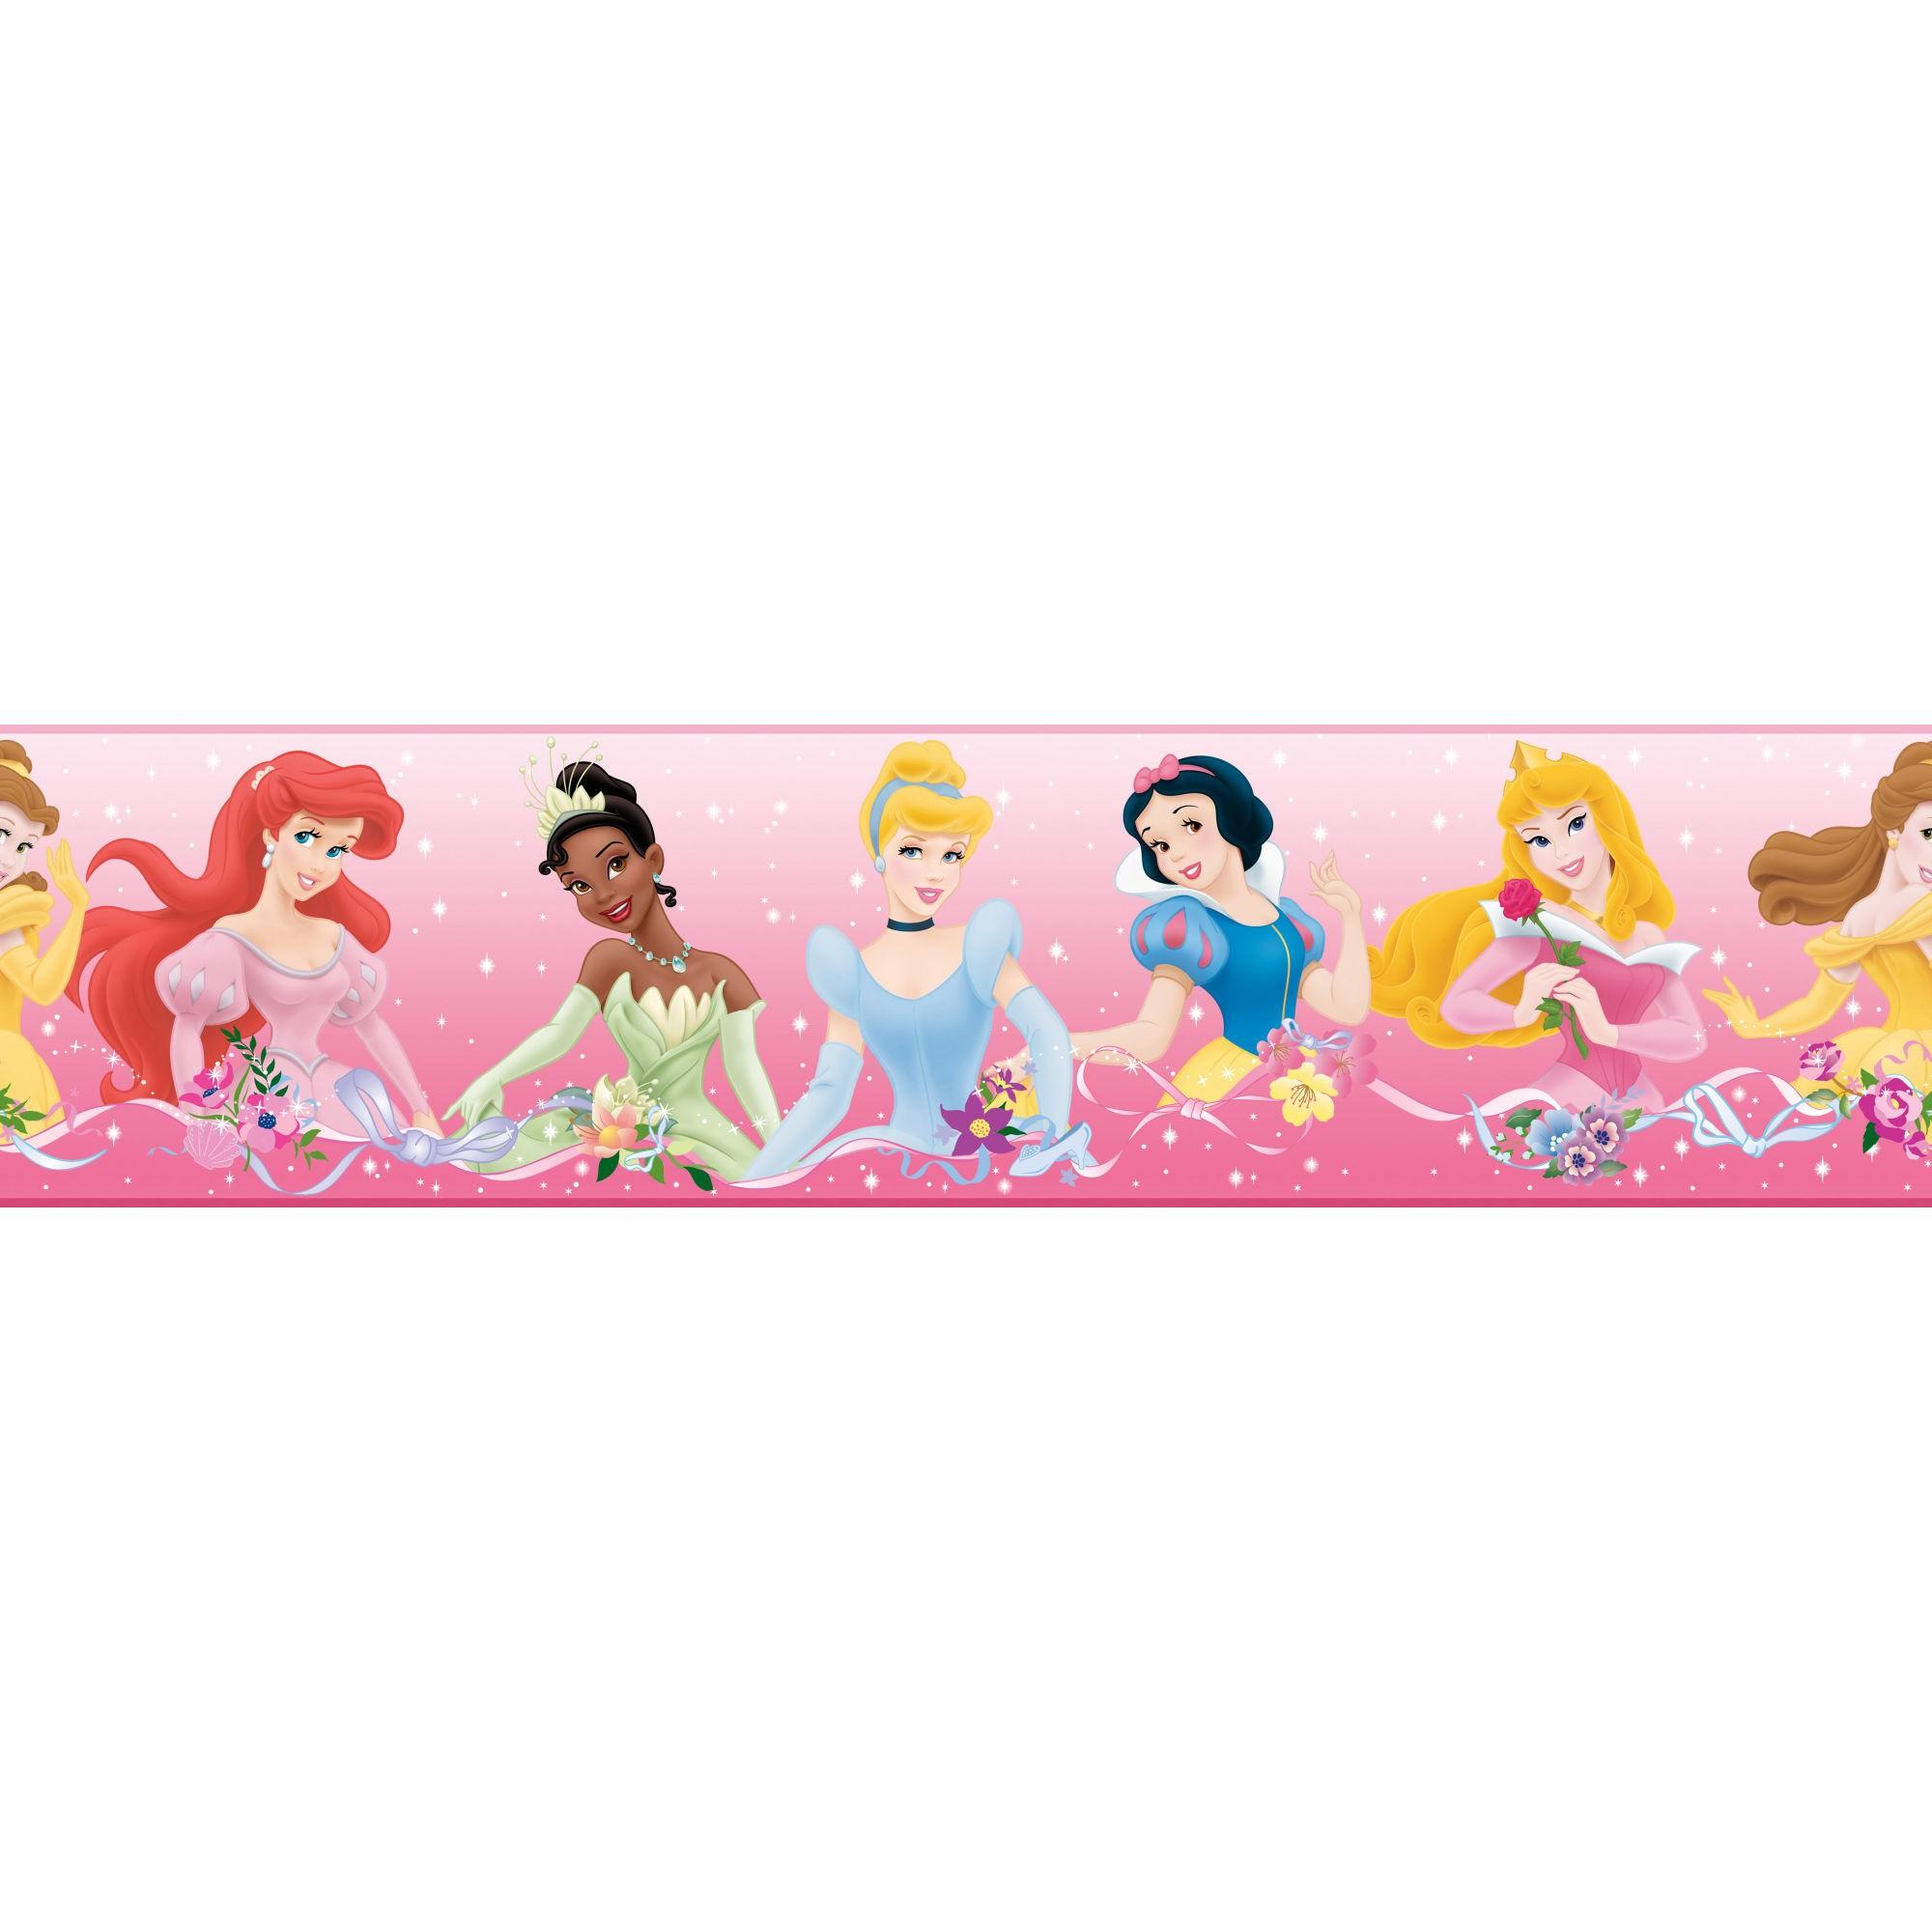 Border Design Disney Character : Disney border clip art cliparts